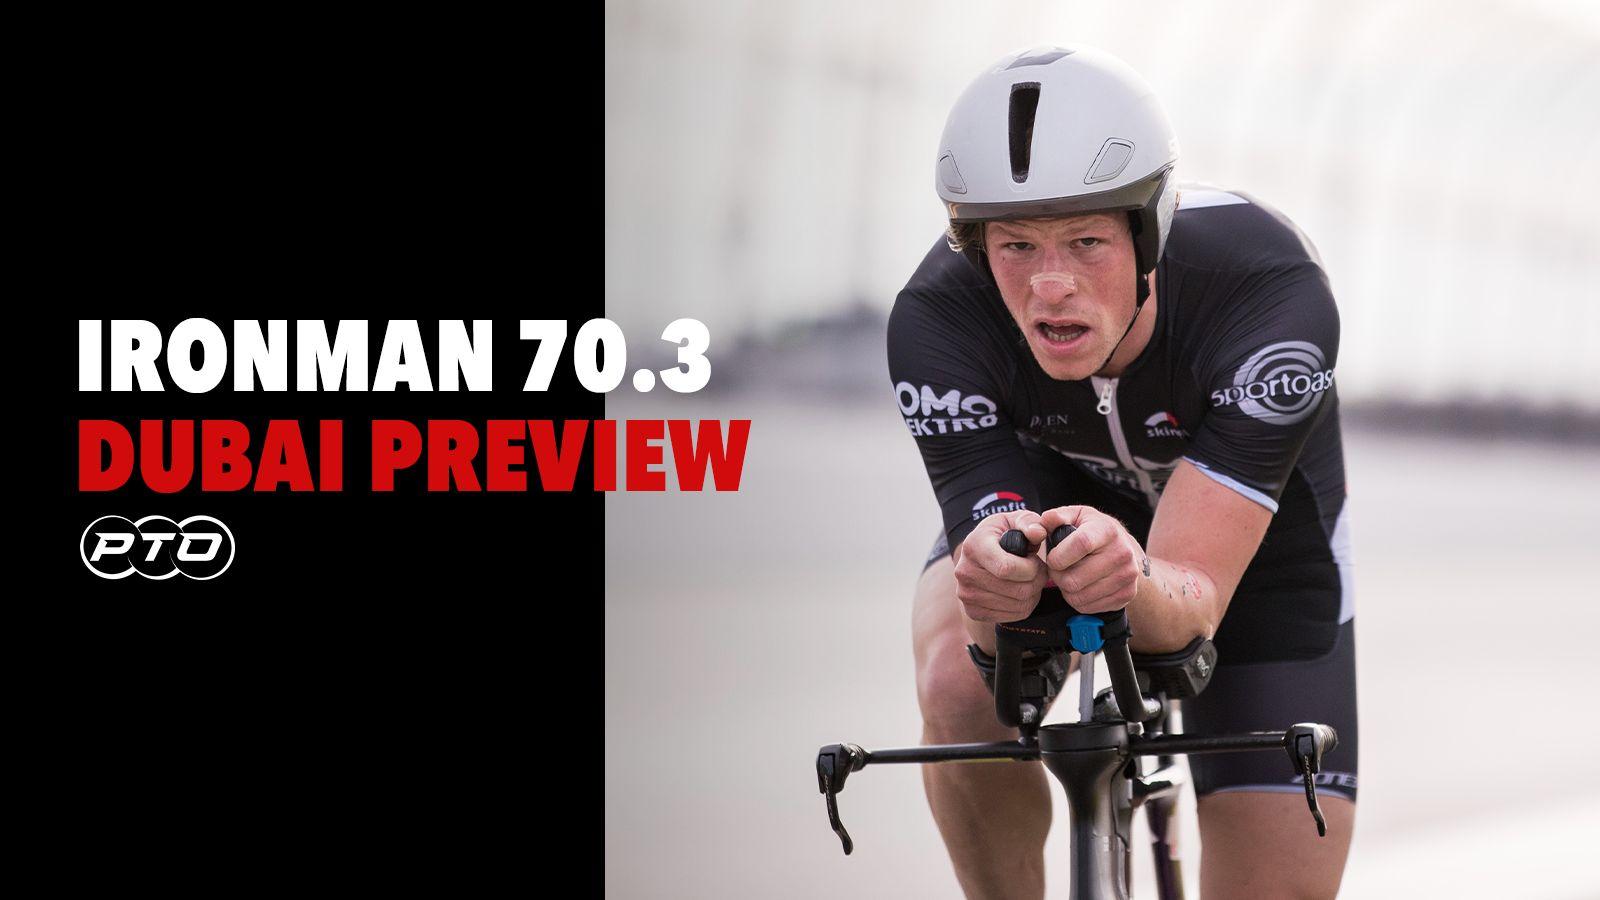 Race Preview: Ironman 70.3 Dubai